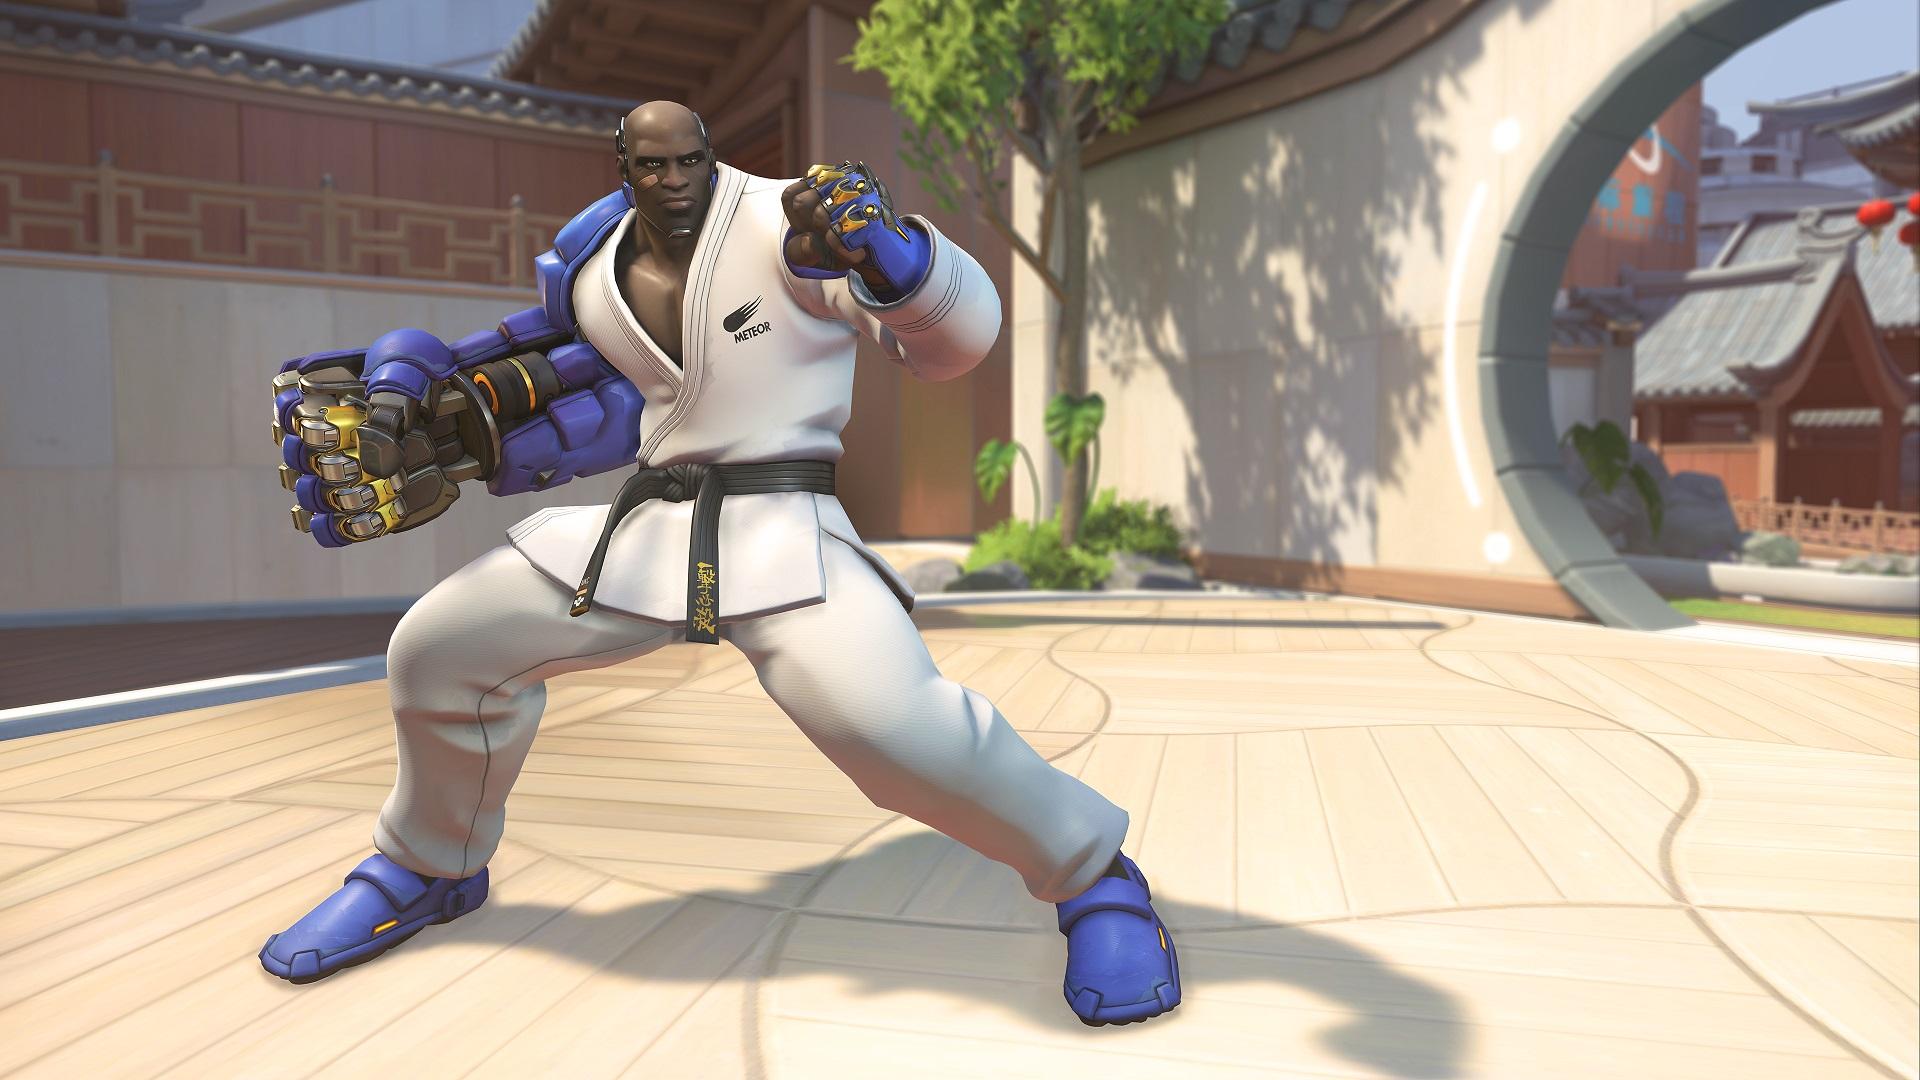 Karate Doomfist